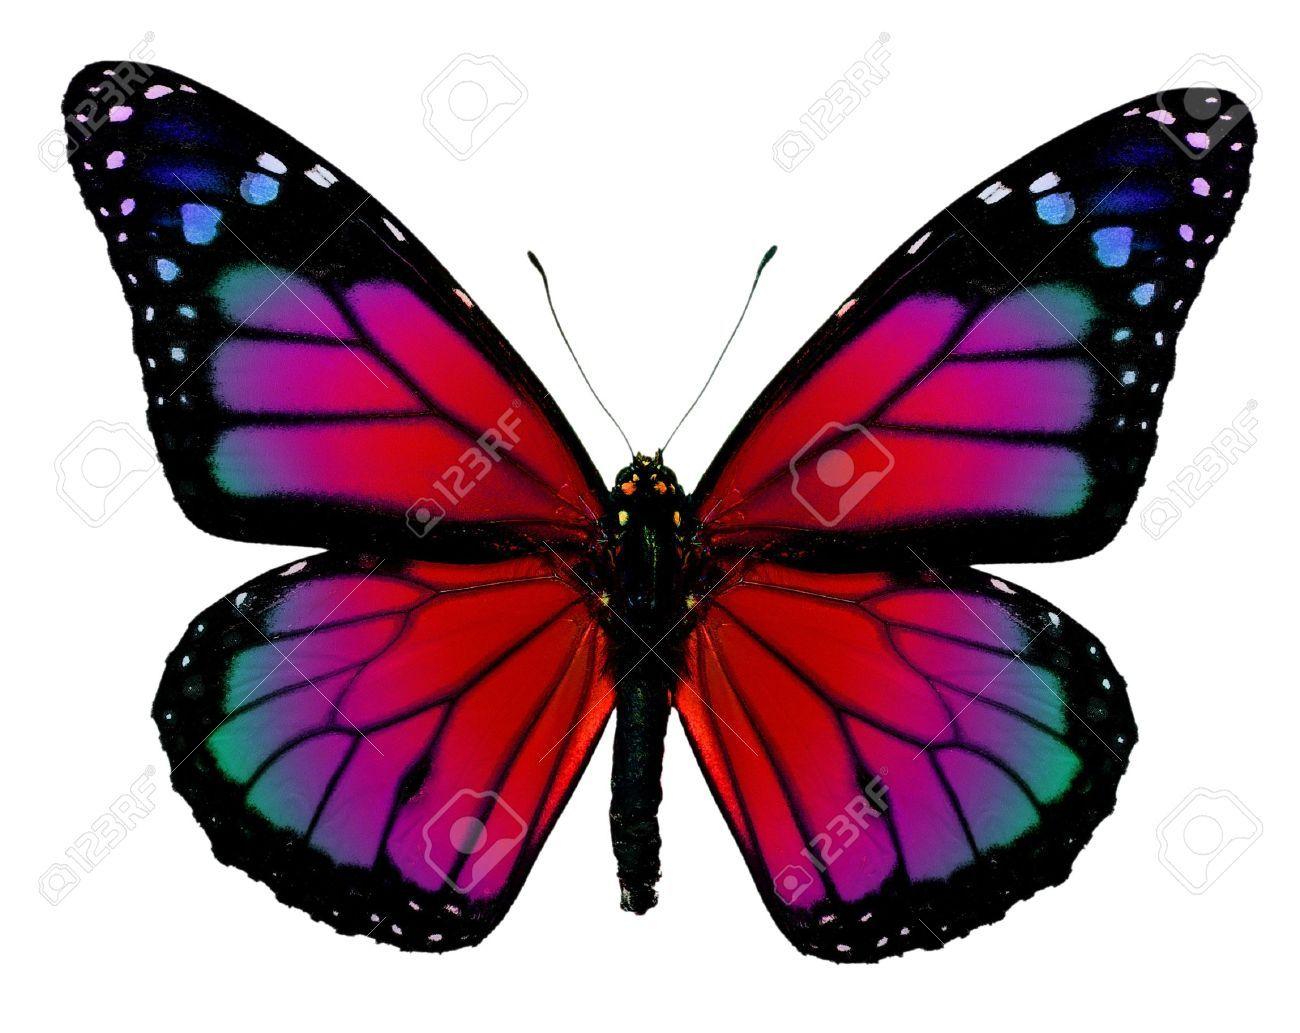 Dibujos De Mariposas Infantiles A Color: Mariposas Monarcas Moradas - Buscar Con Google